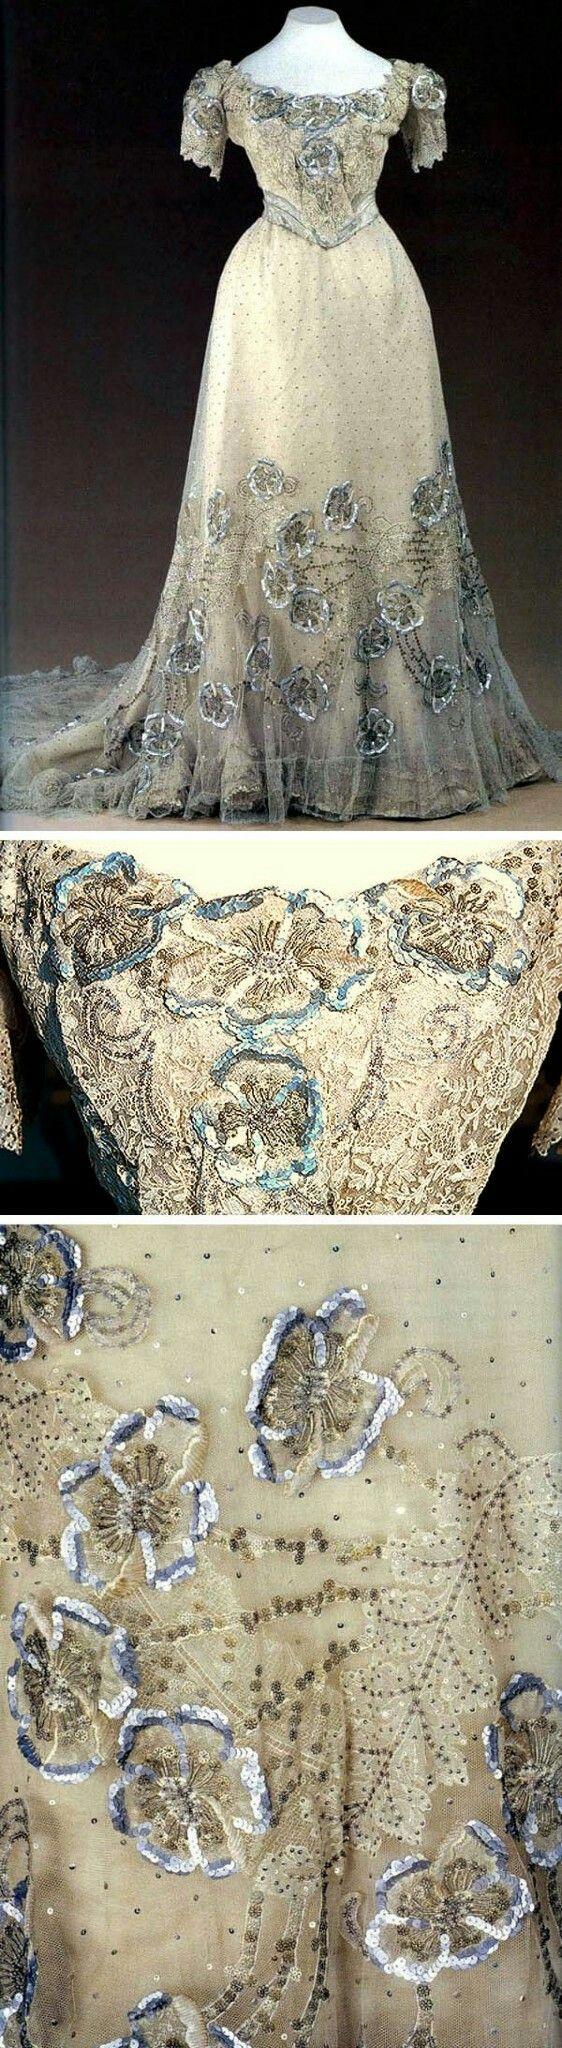 Evening gown worn by Tsarina      Alexandra,  by Nadezhda Lamanova,  early 1900s